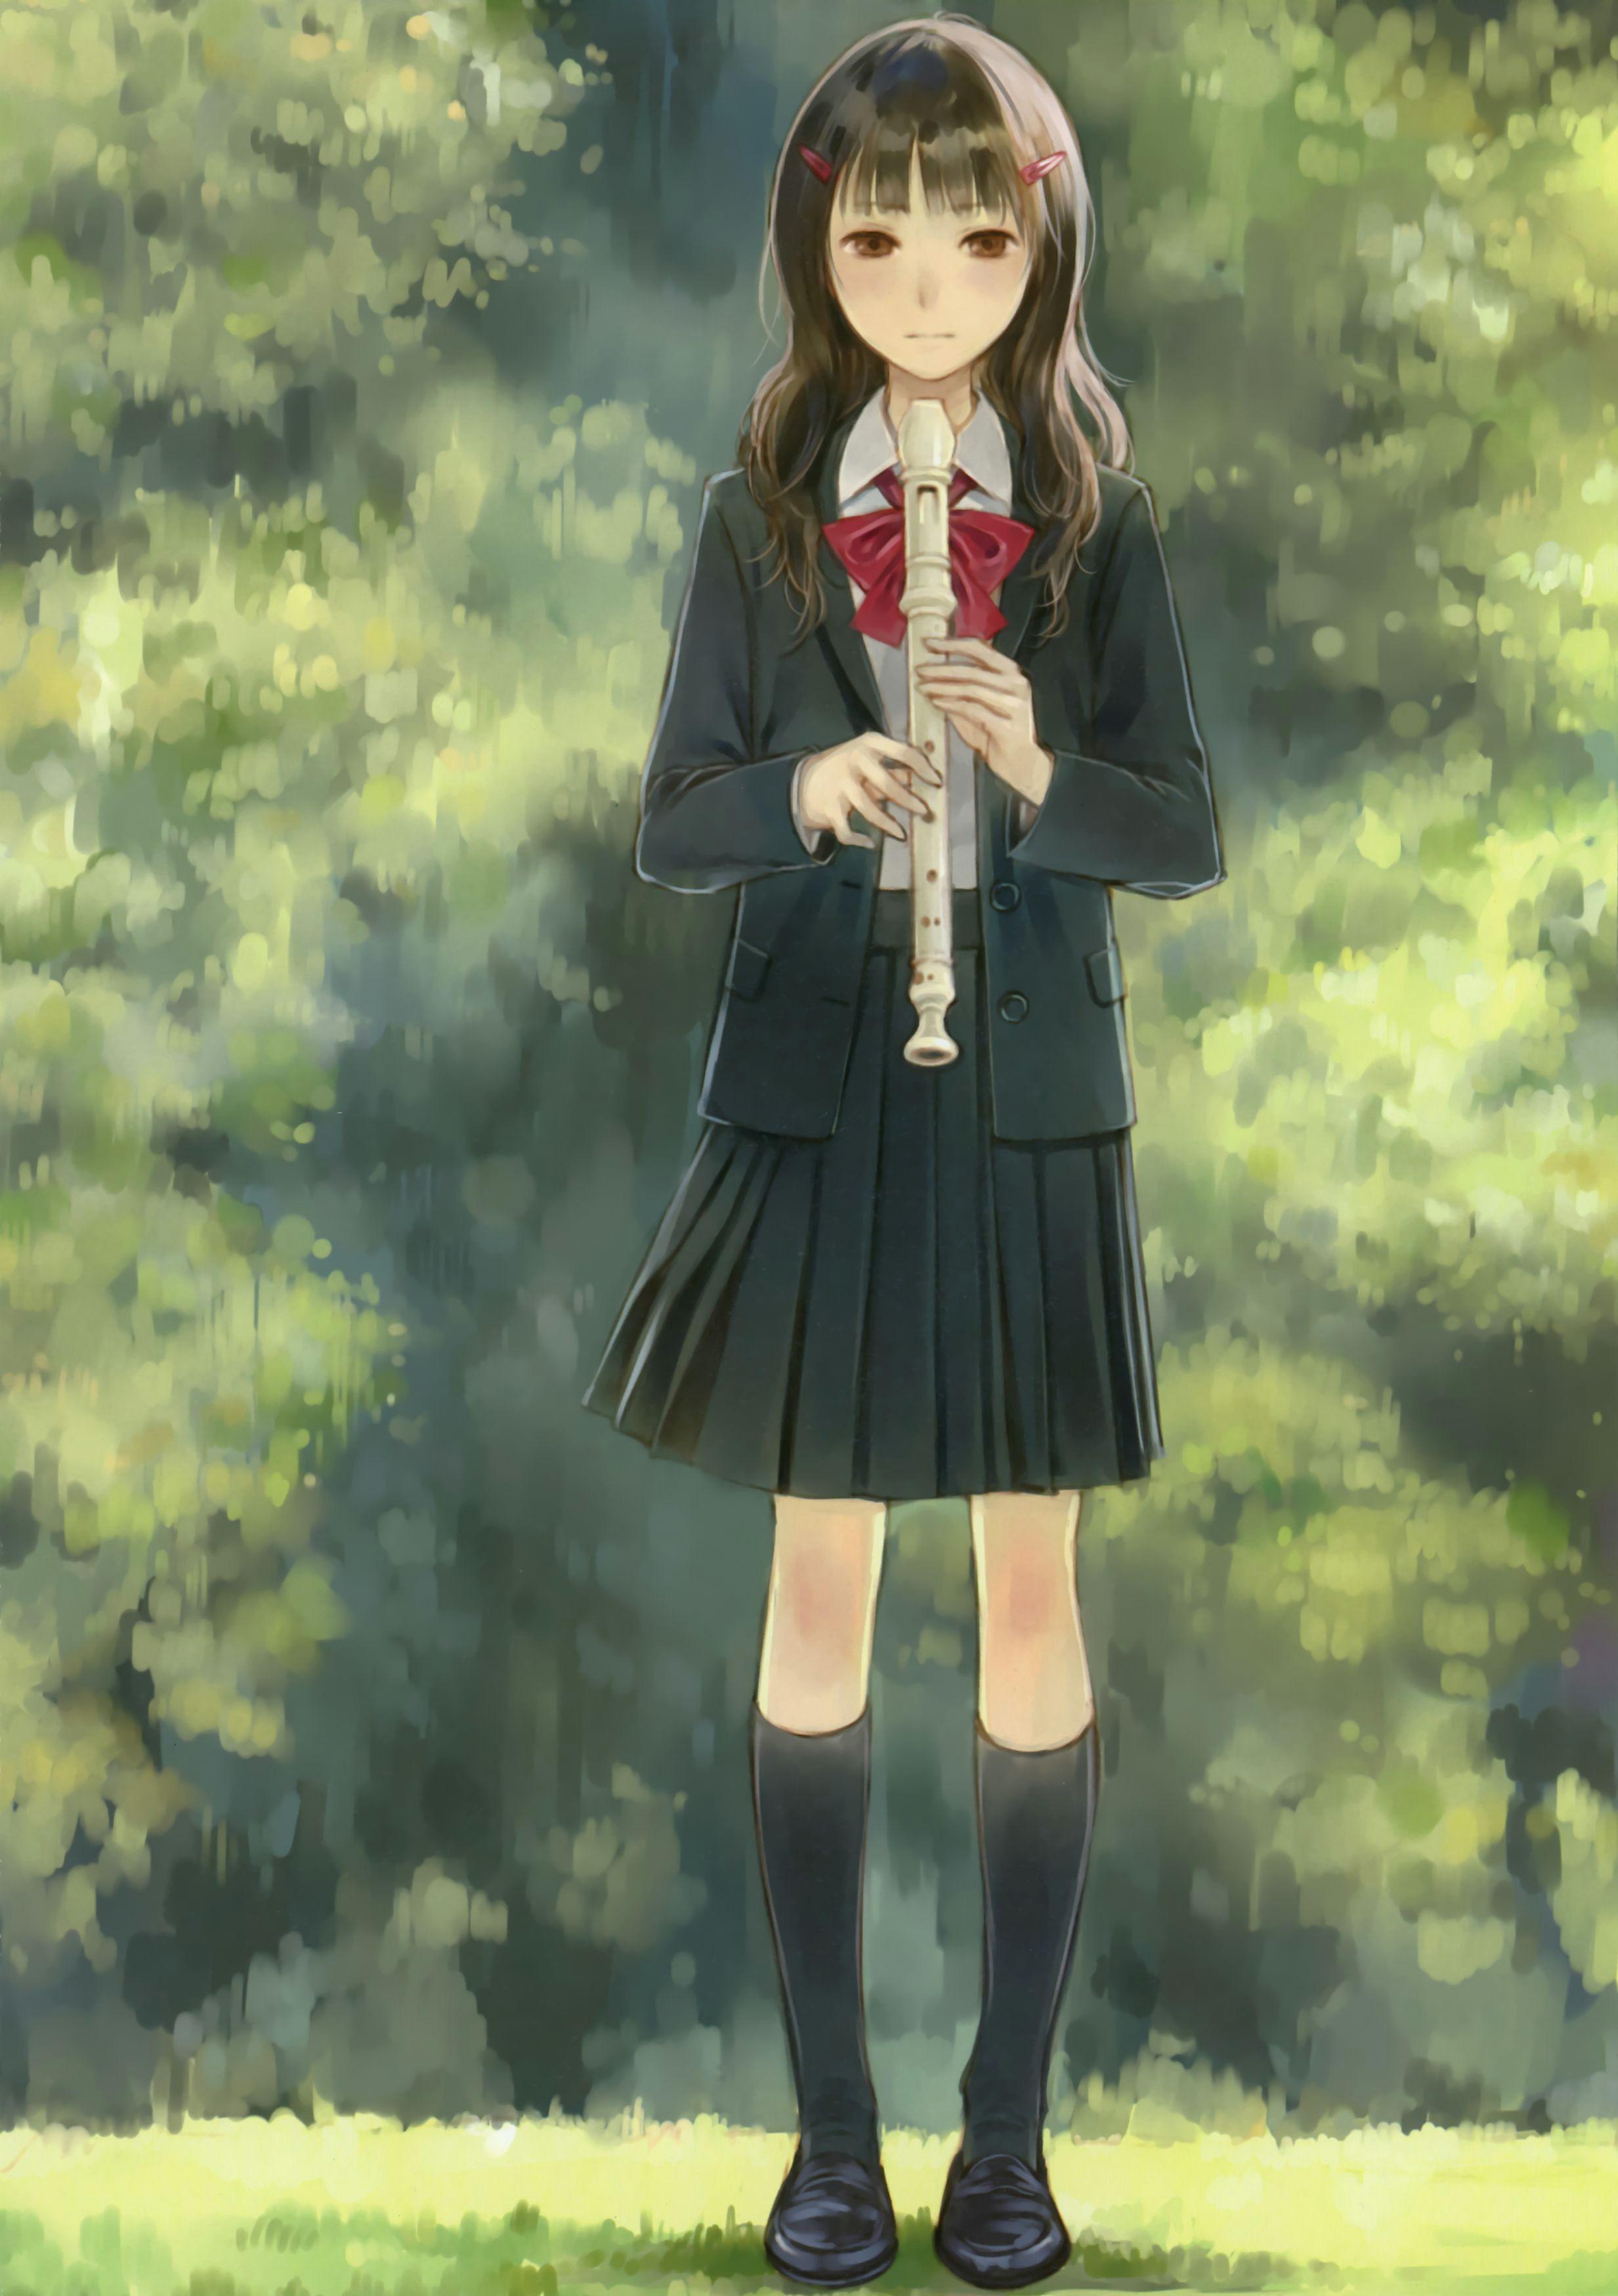 fantasy girl anime music anime art art school anime scenery illustration